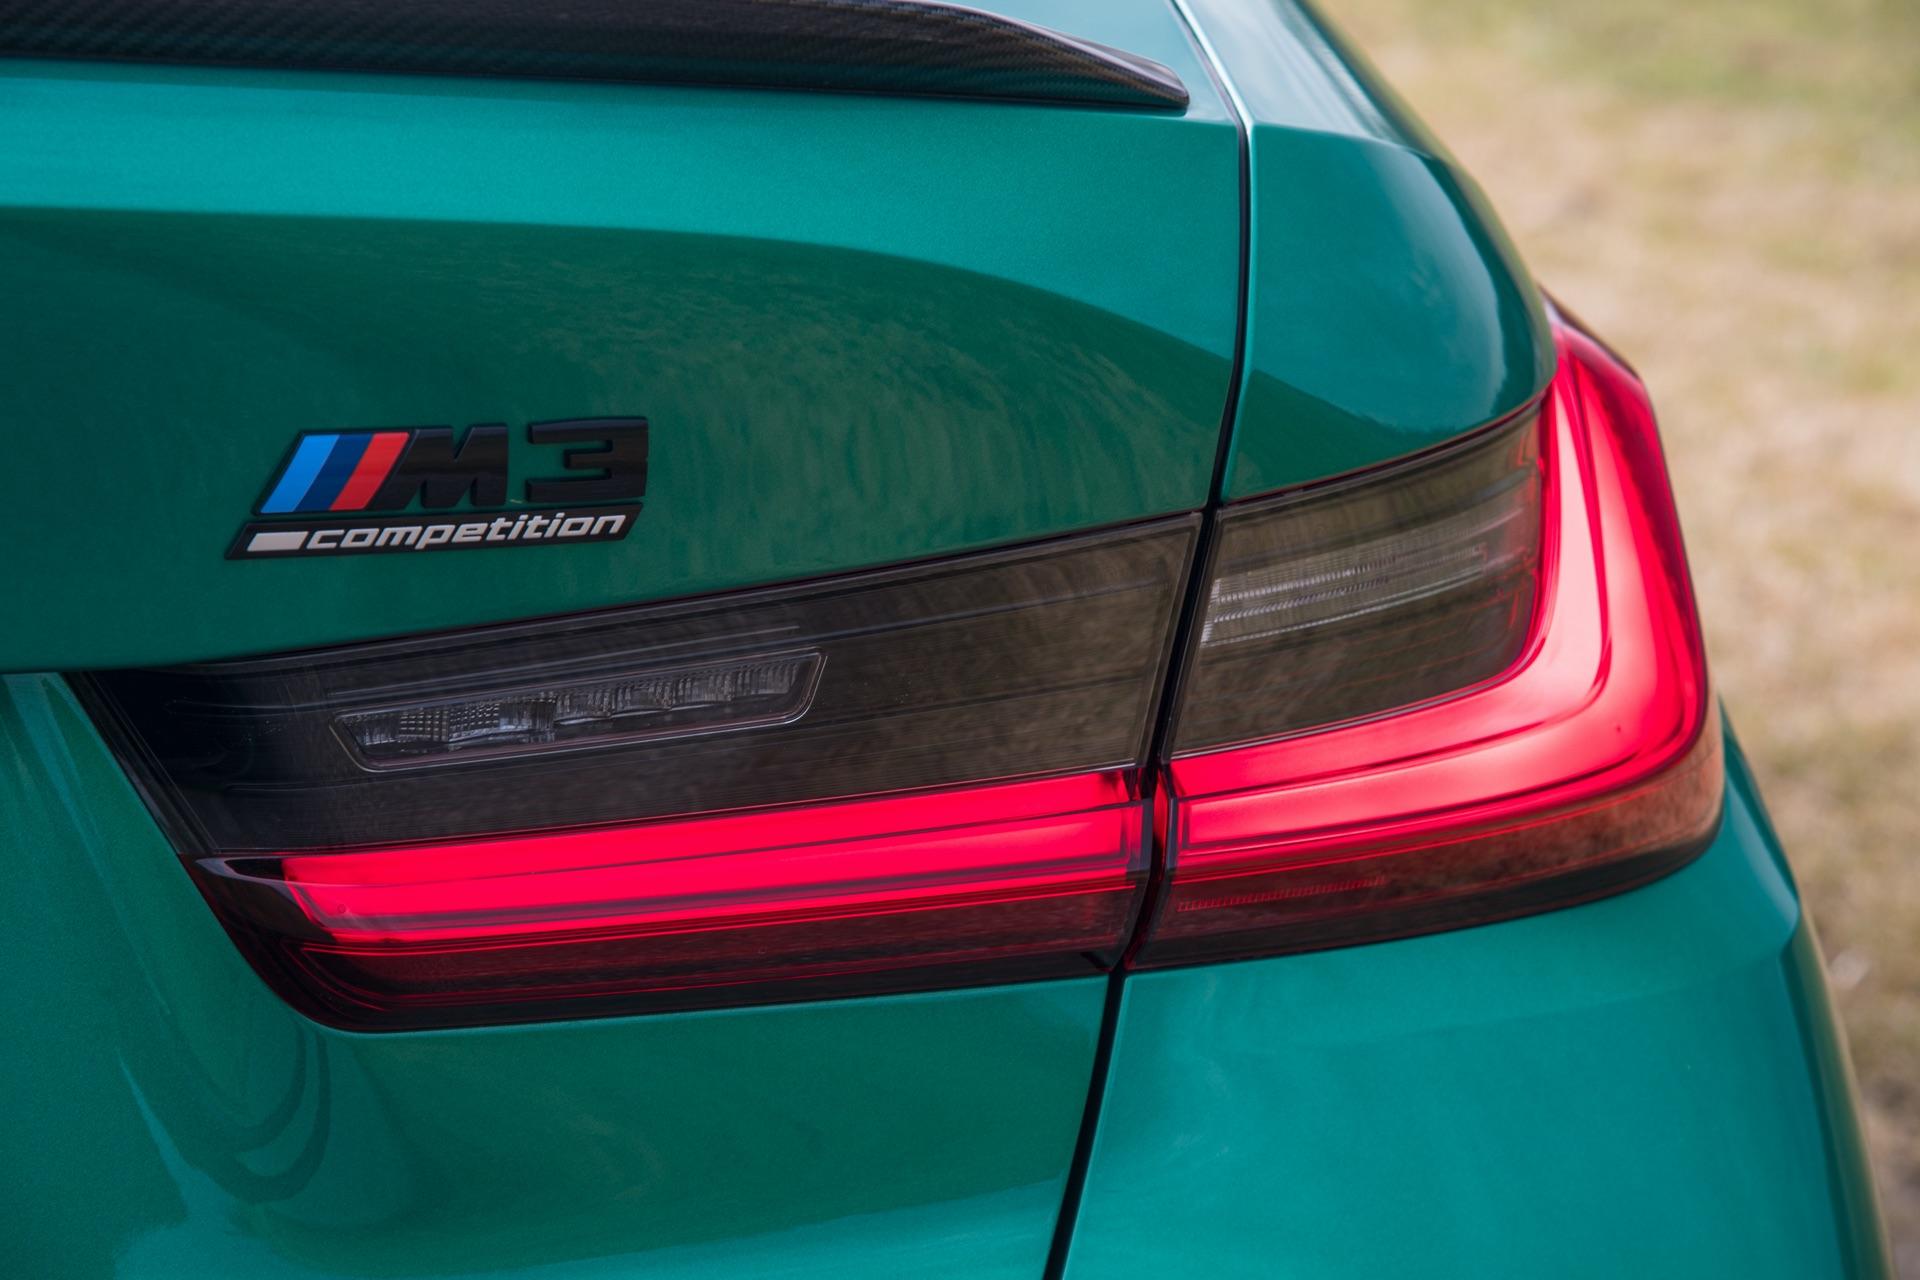 2022 BMW M3 rear light